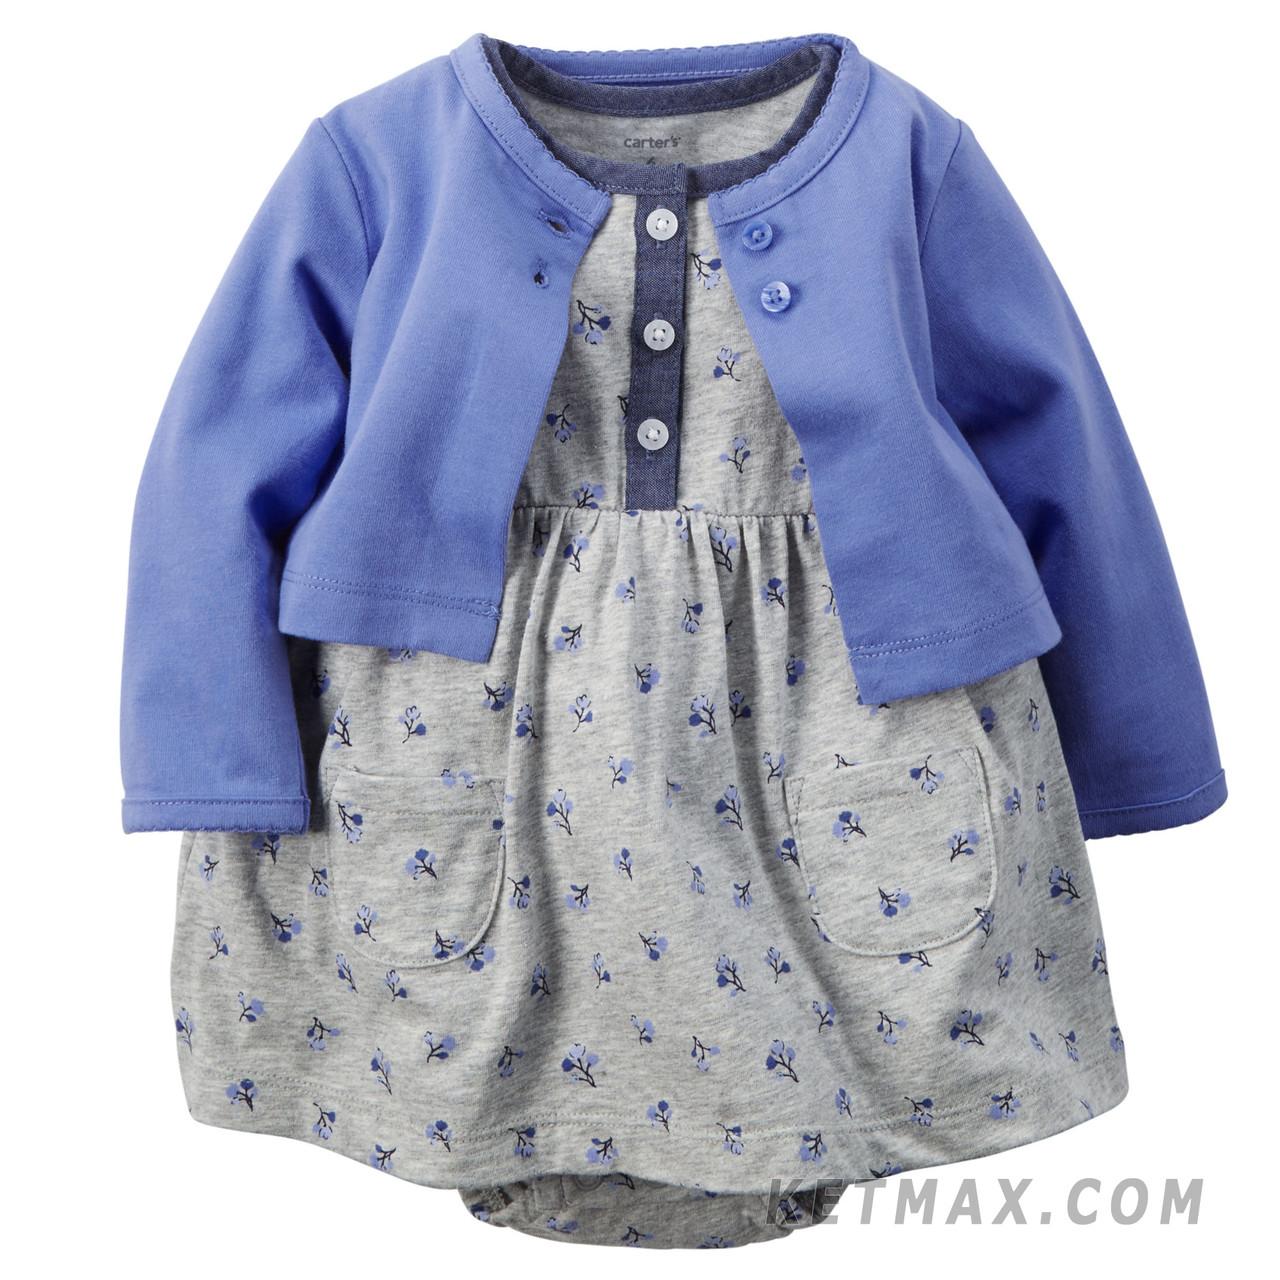 Комплект платье-боди и кардиган Carter's для девочки